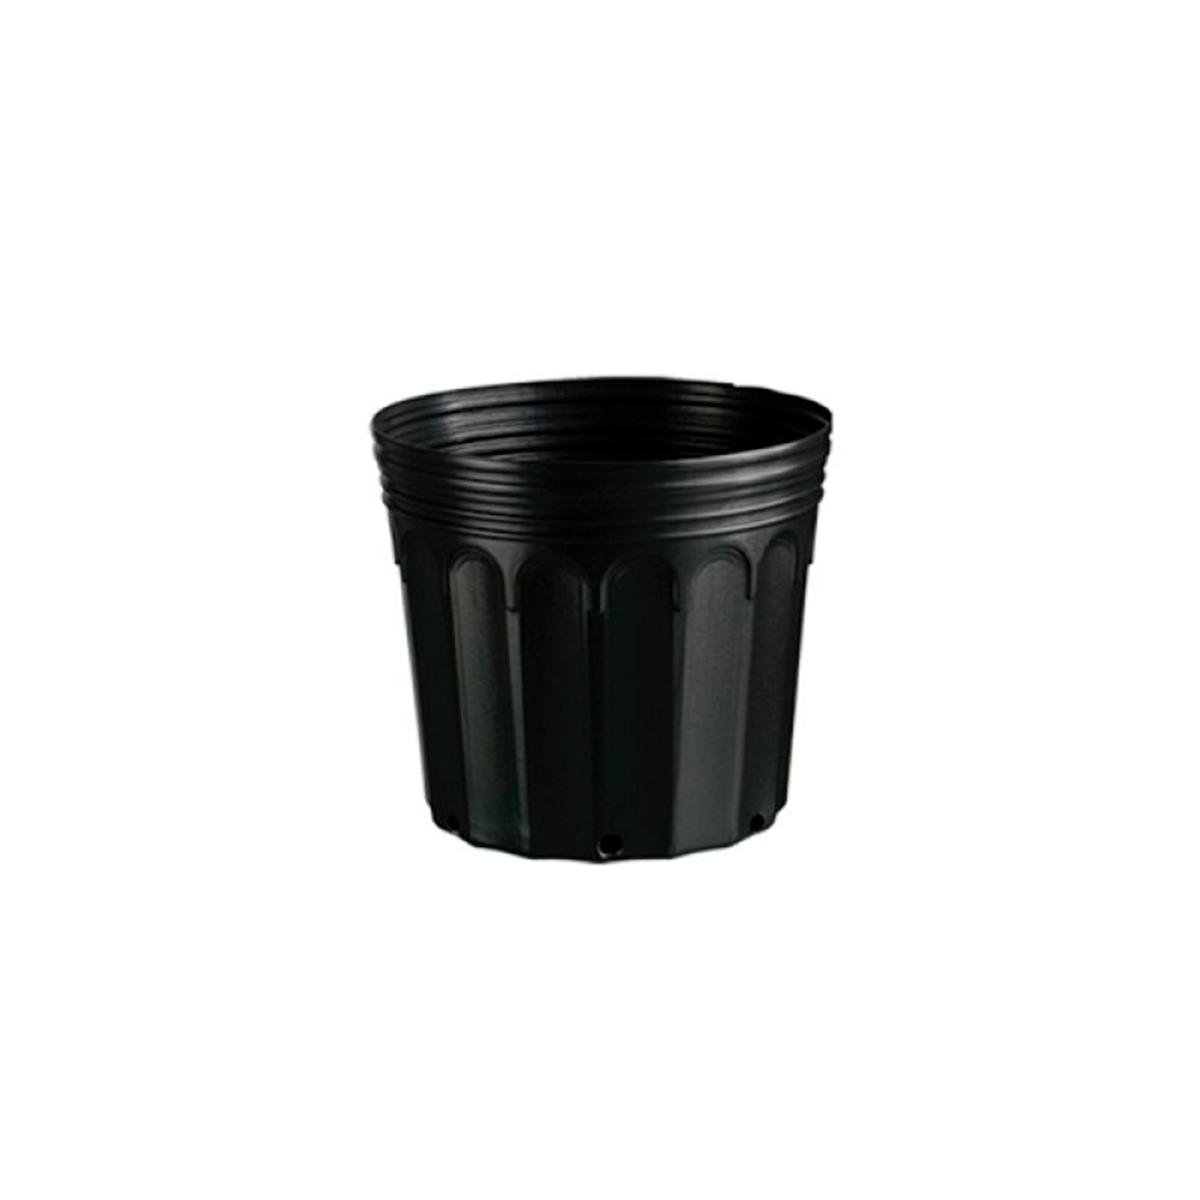 Kit com 20 Embalagem para Mudas Vaso Sem Alça 11 Litros